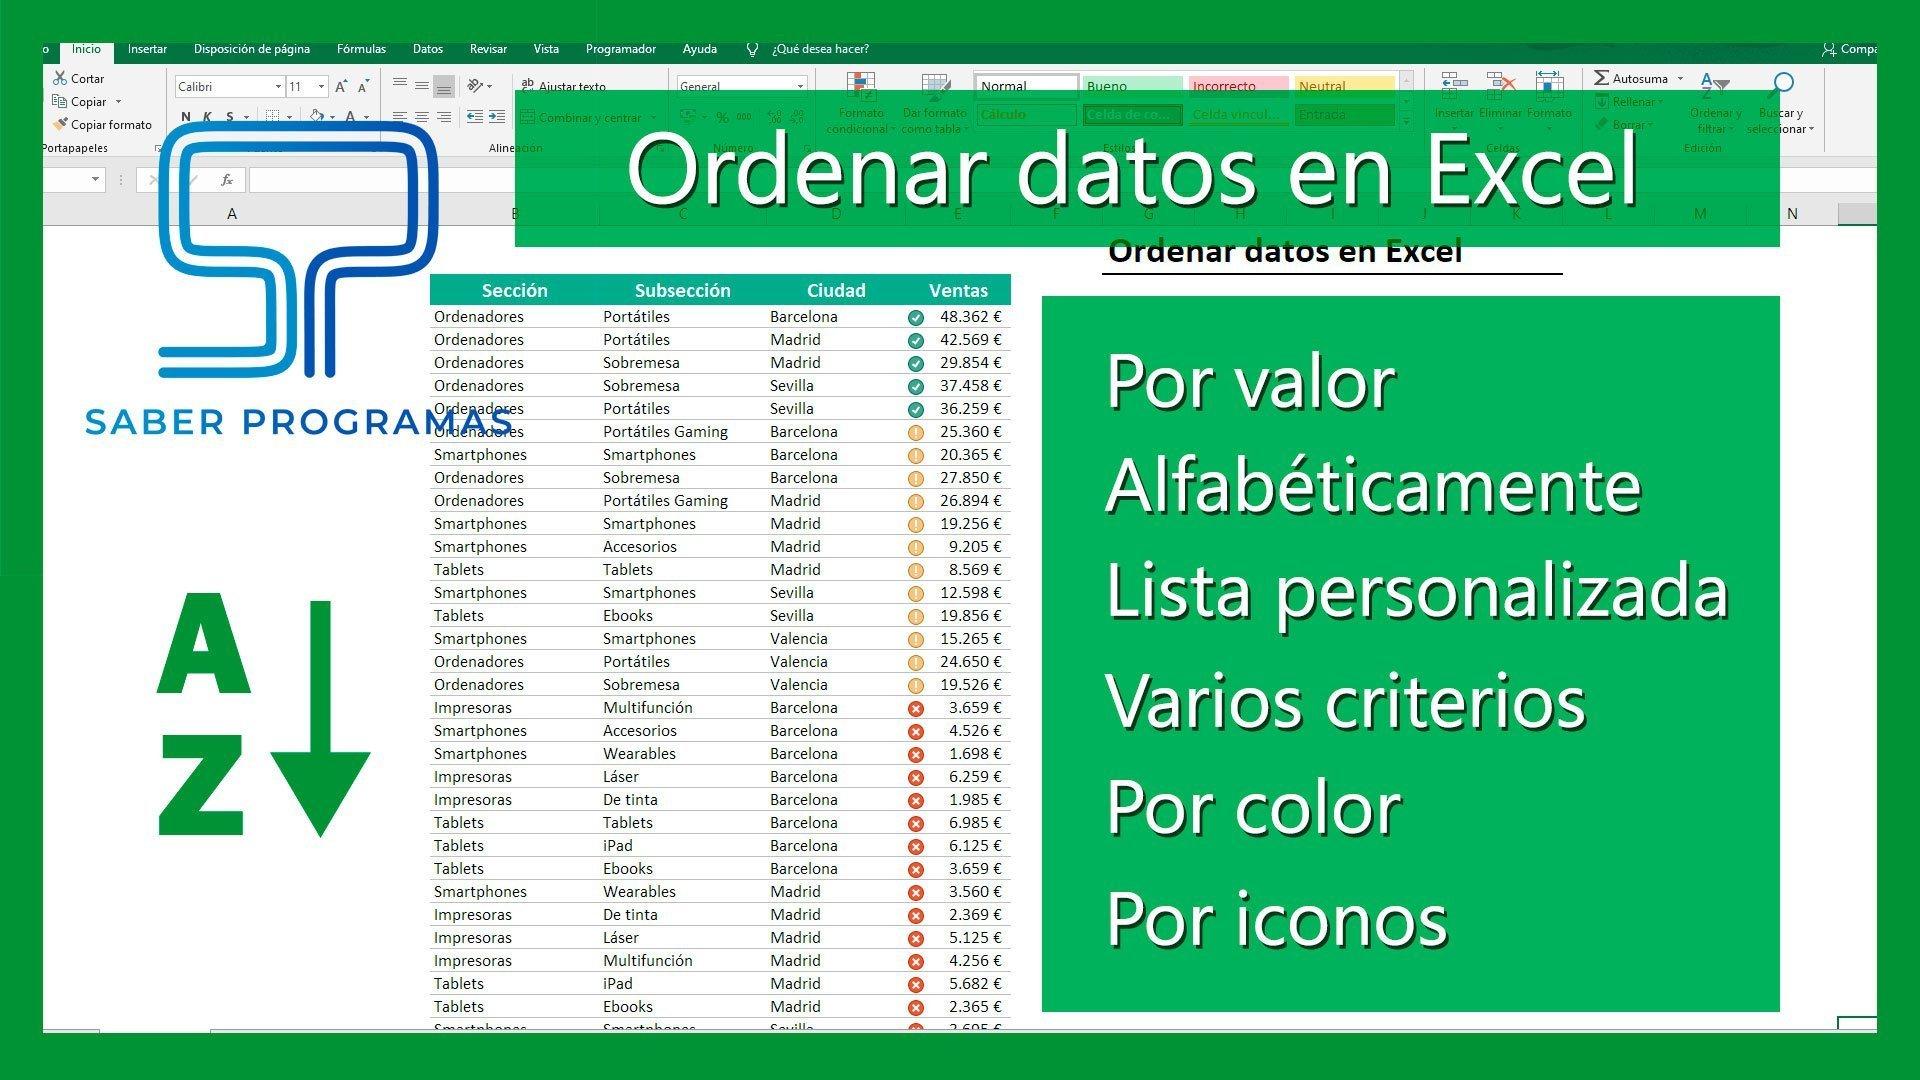 Ordenar datos en Excel | todas las opciones